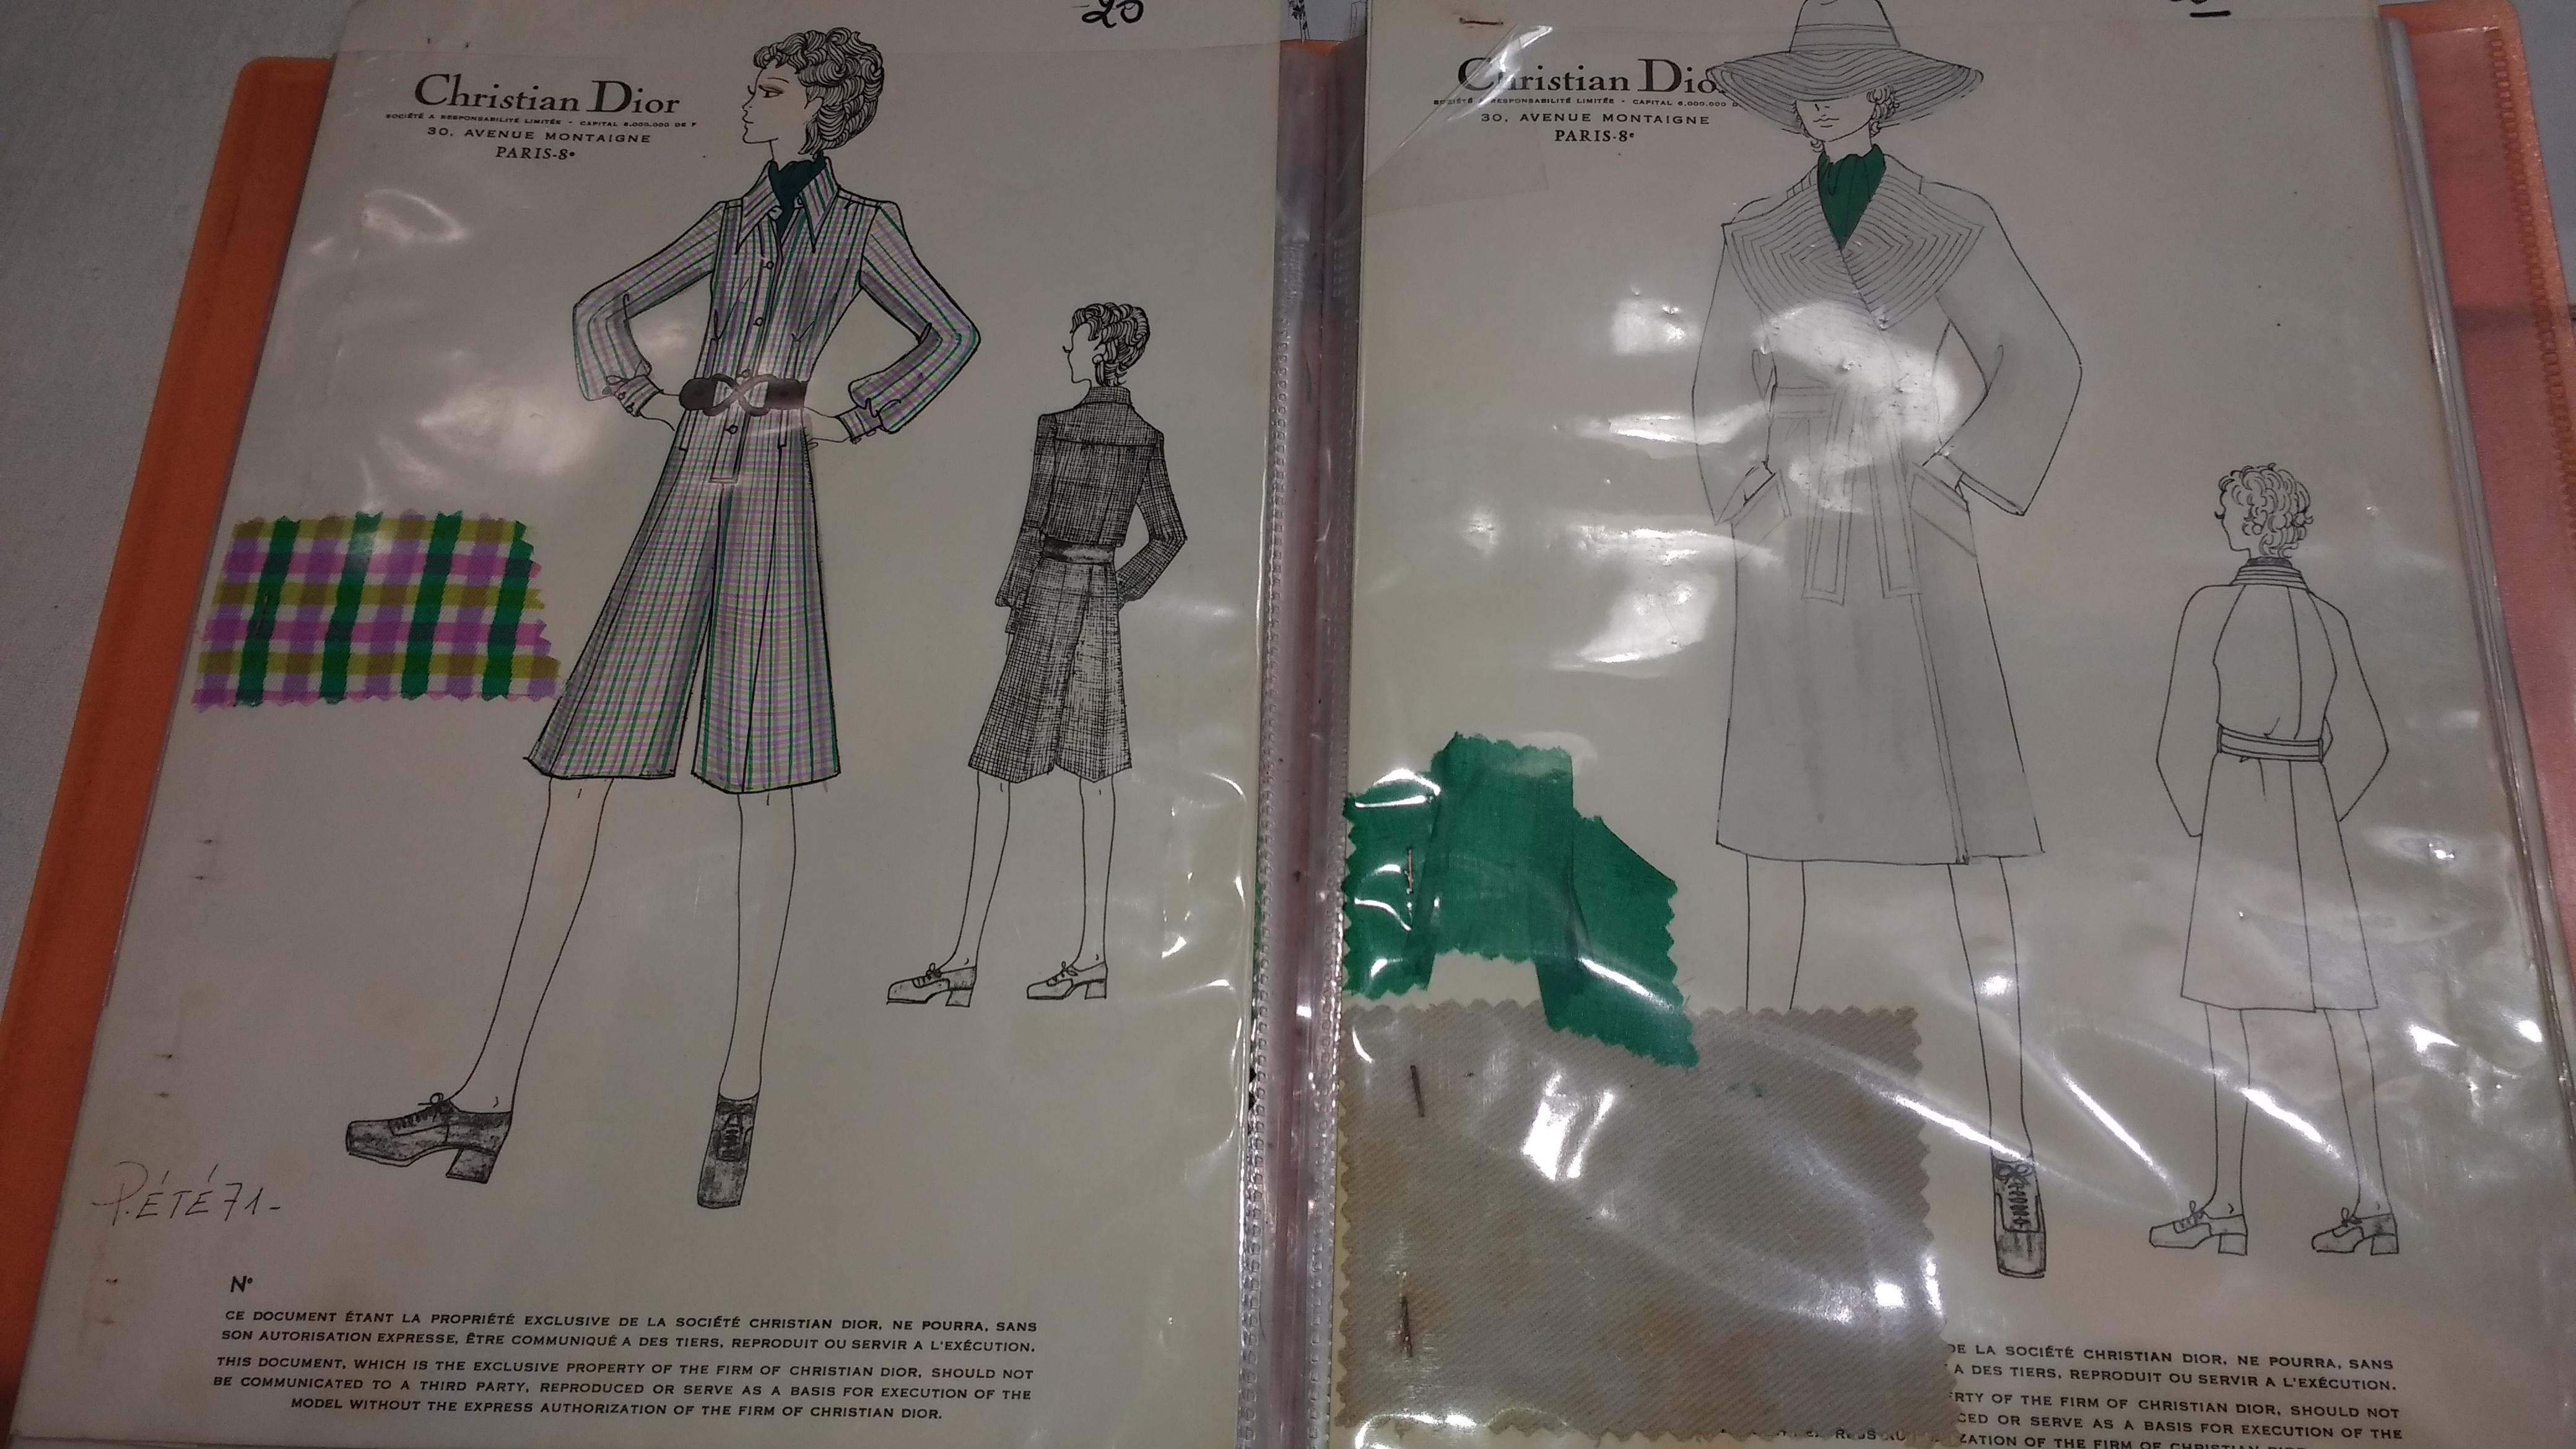 Cuaderno Dior 1